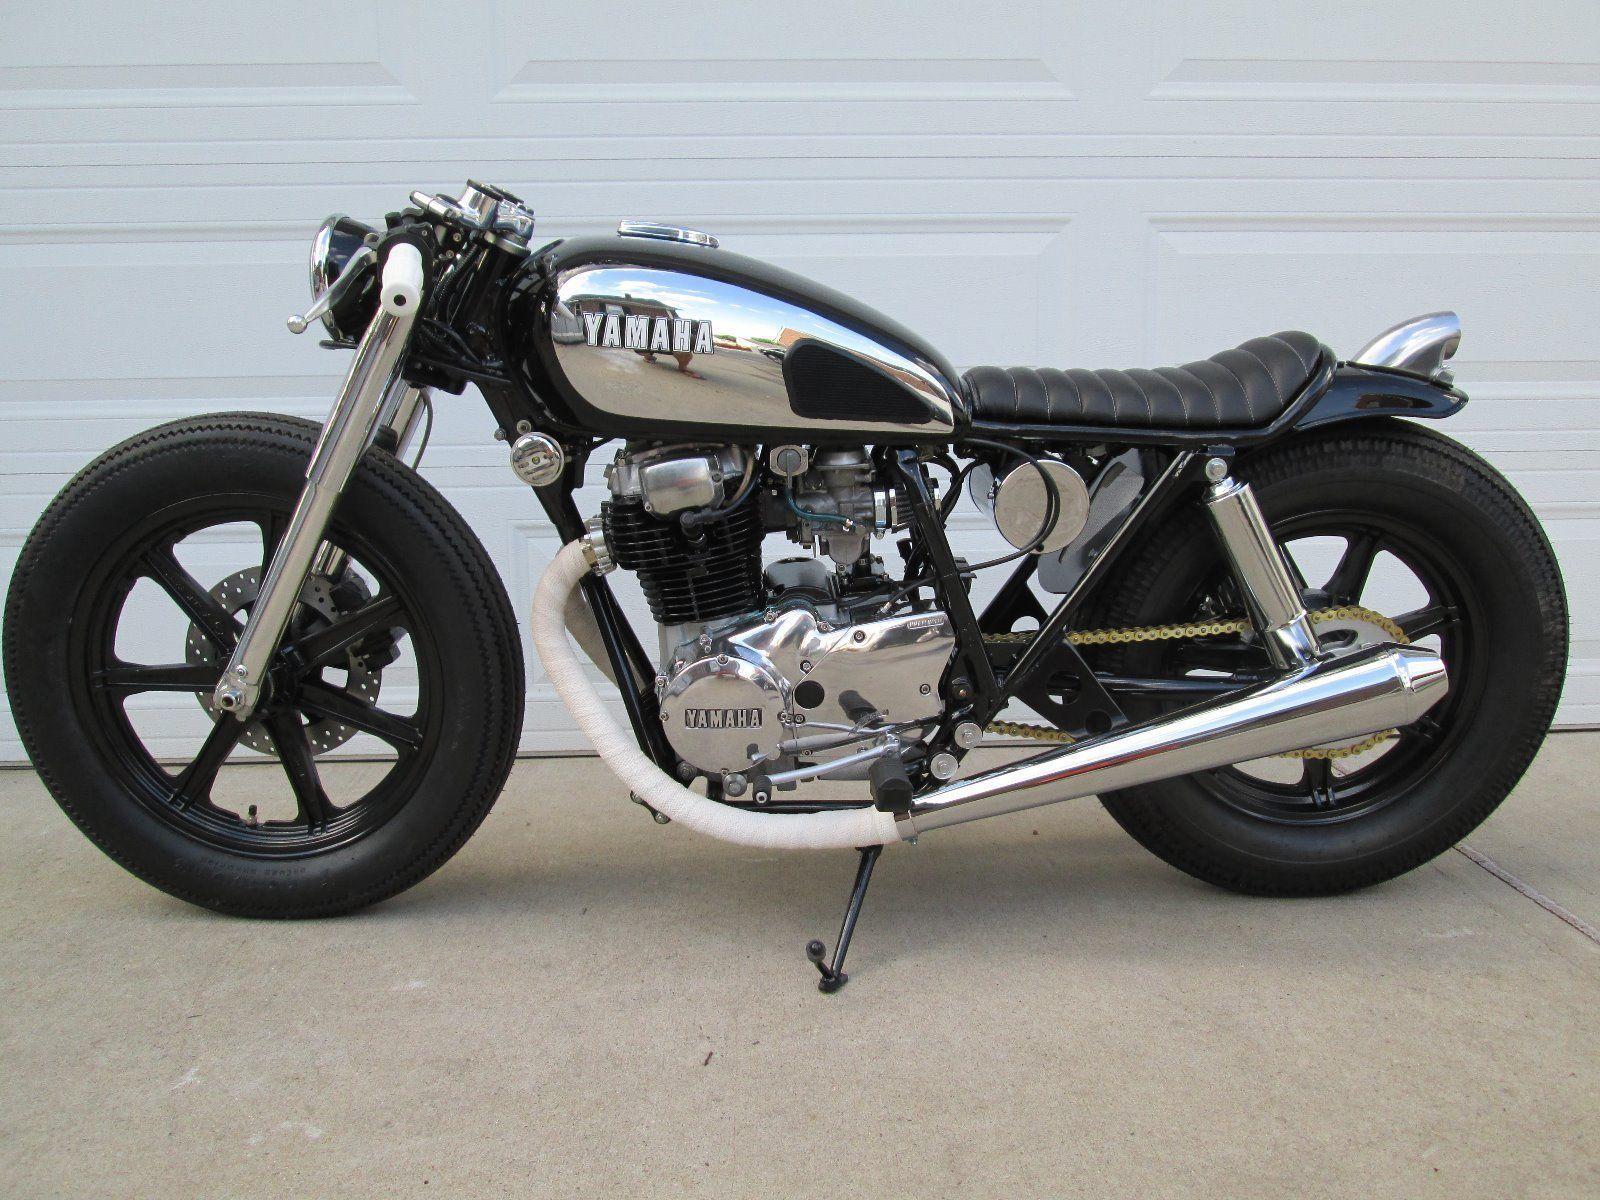 Yamaha XS400 Cafe Racer Brat